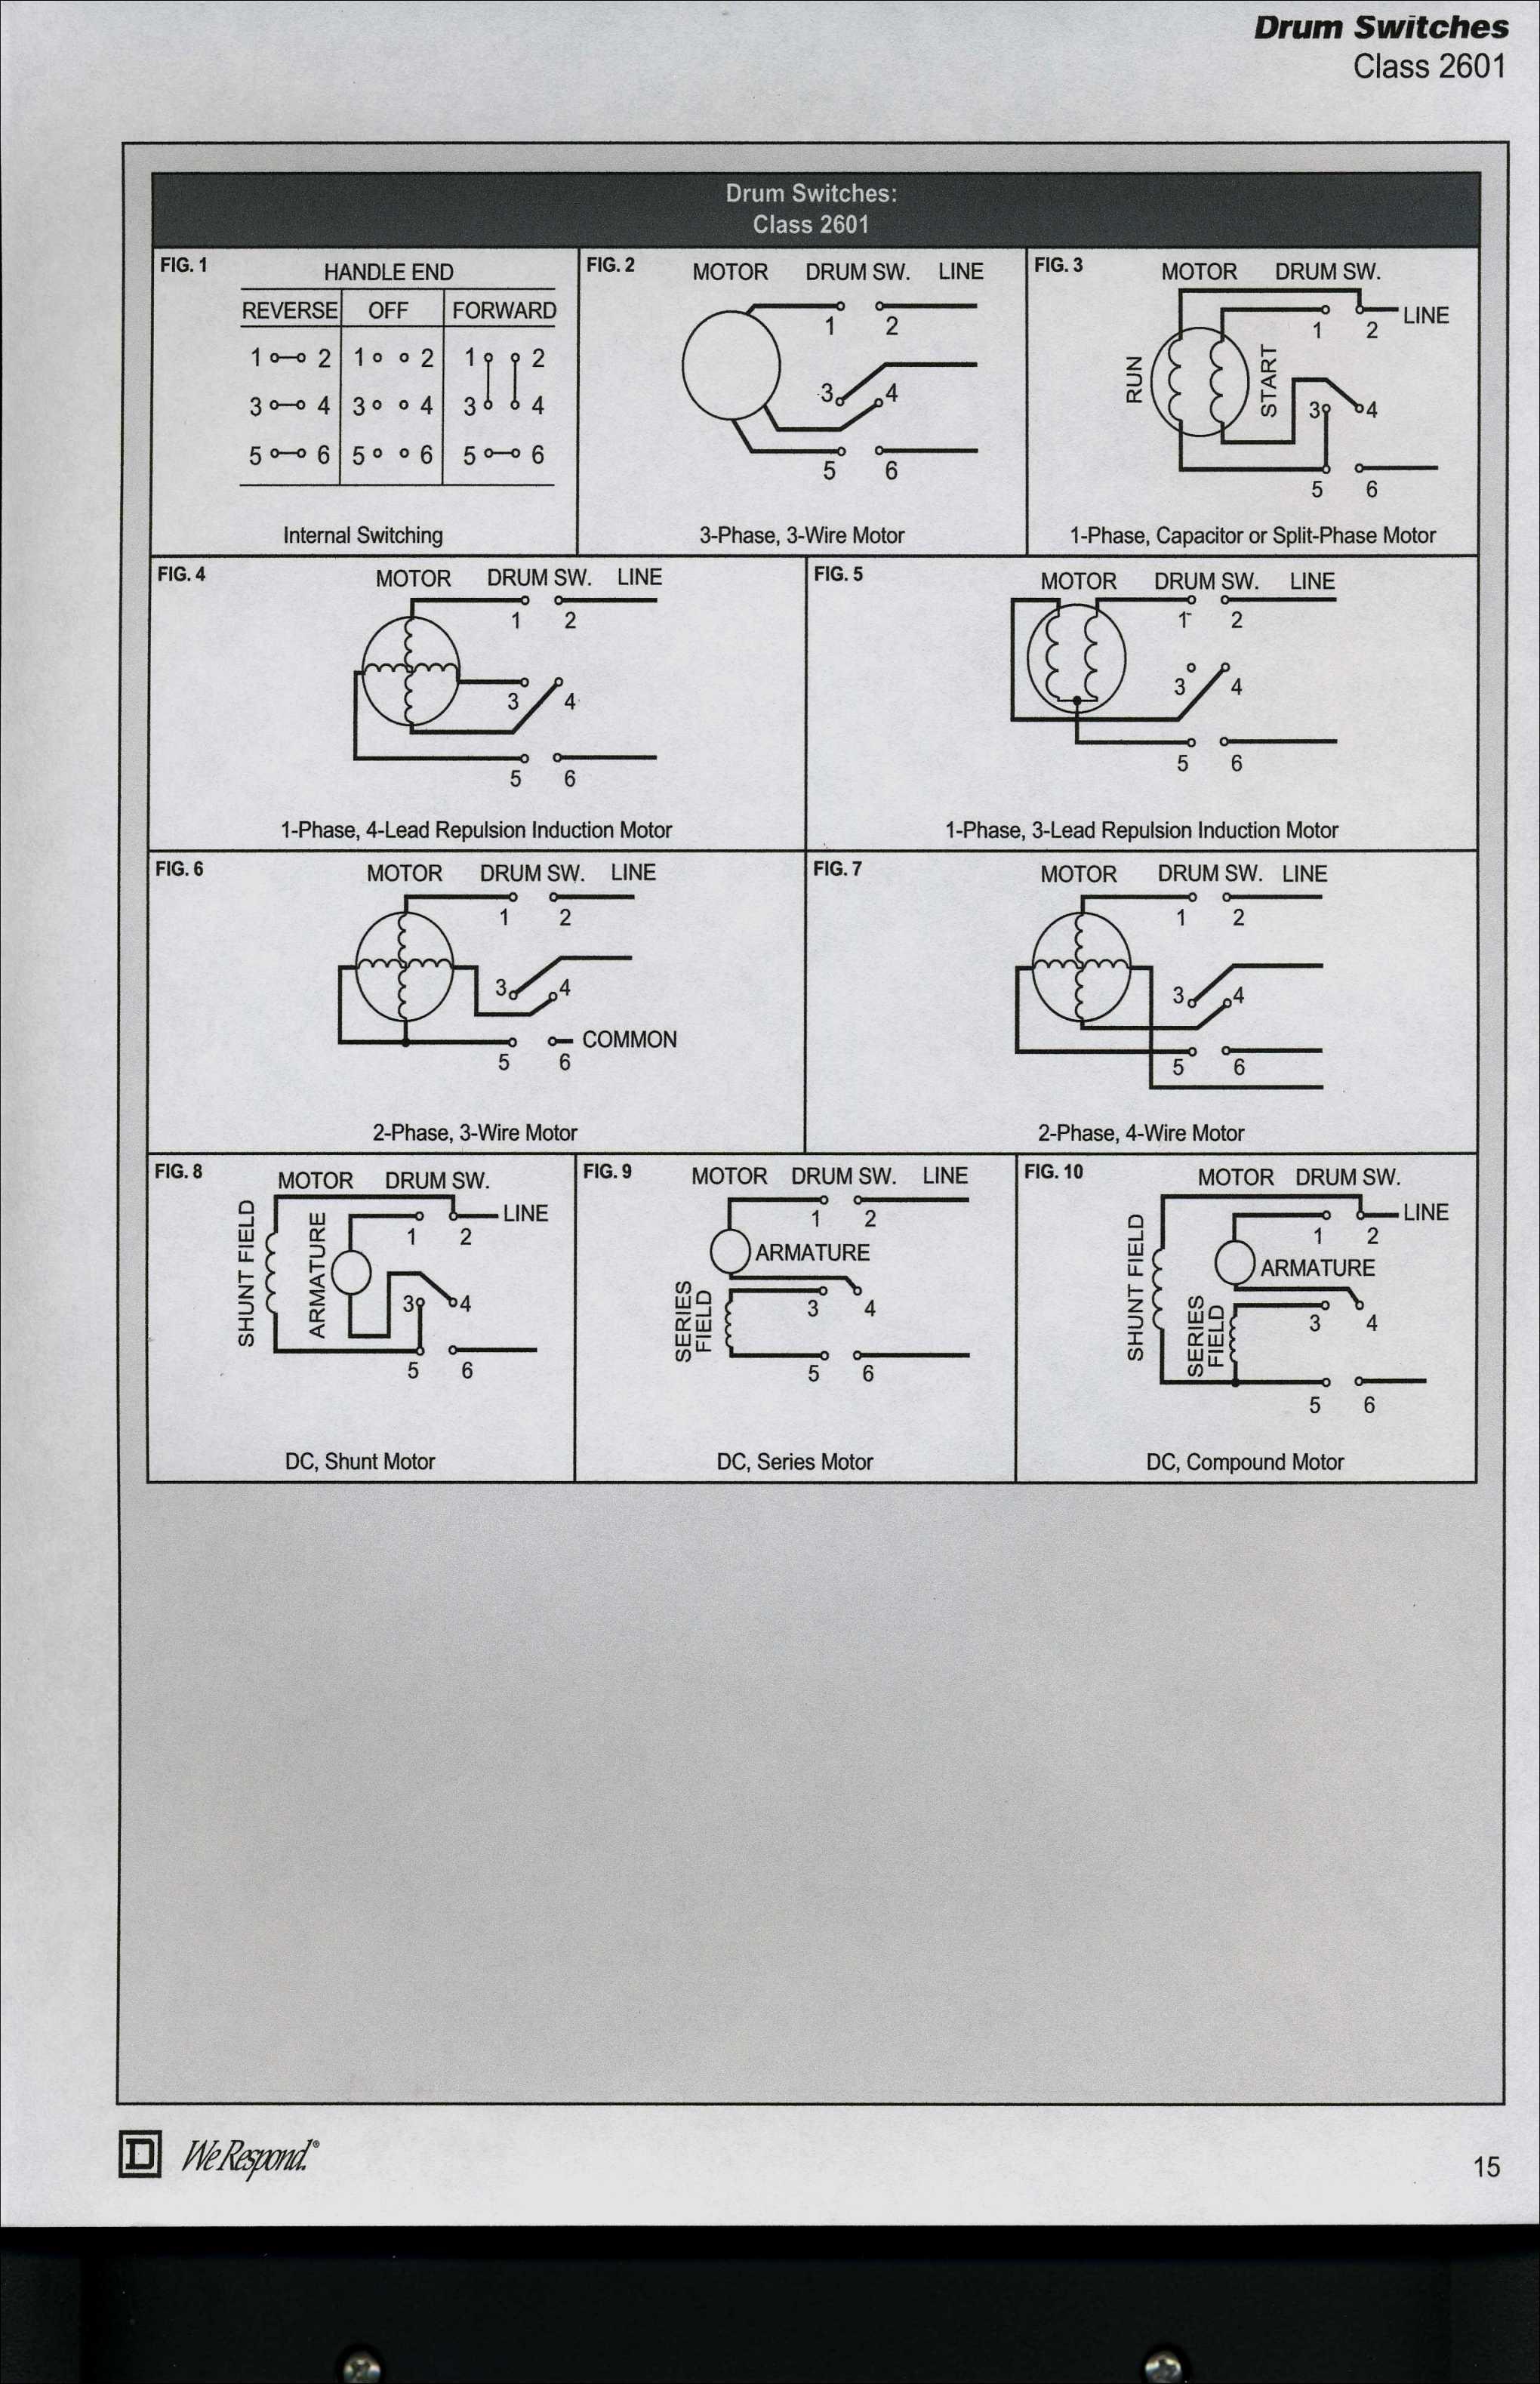 Leeson Motors Wiring Diagram | Manual E-Books - Leeson Motor Wiring Diagram